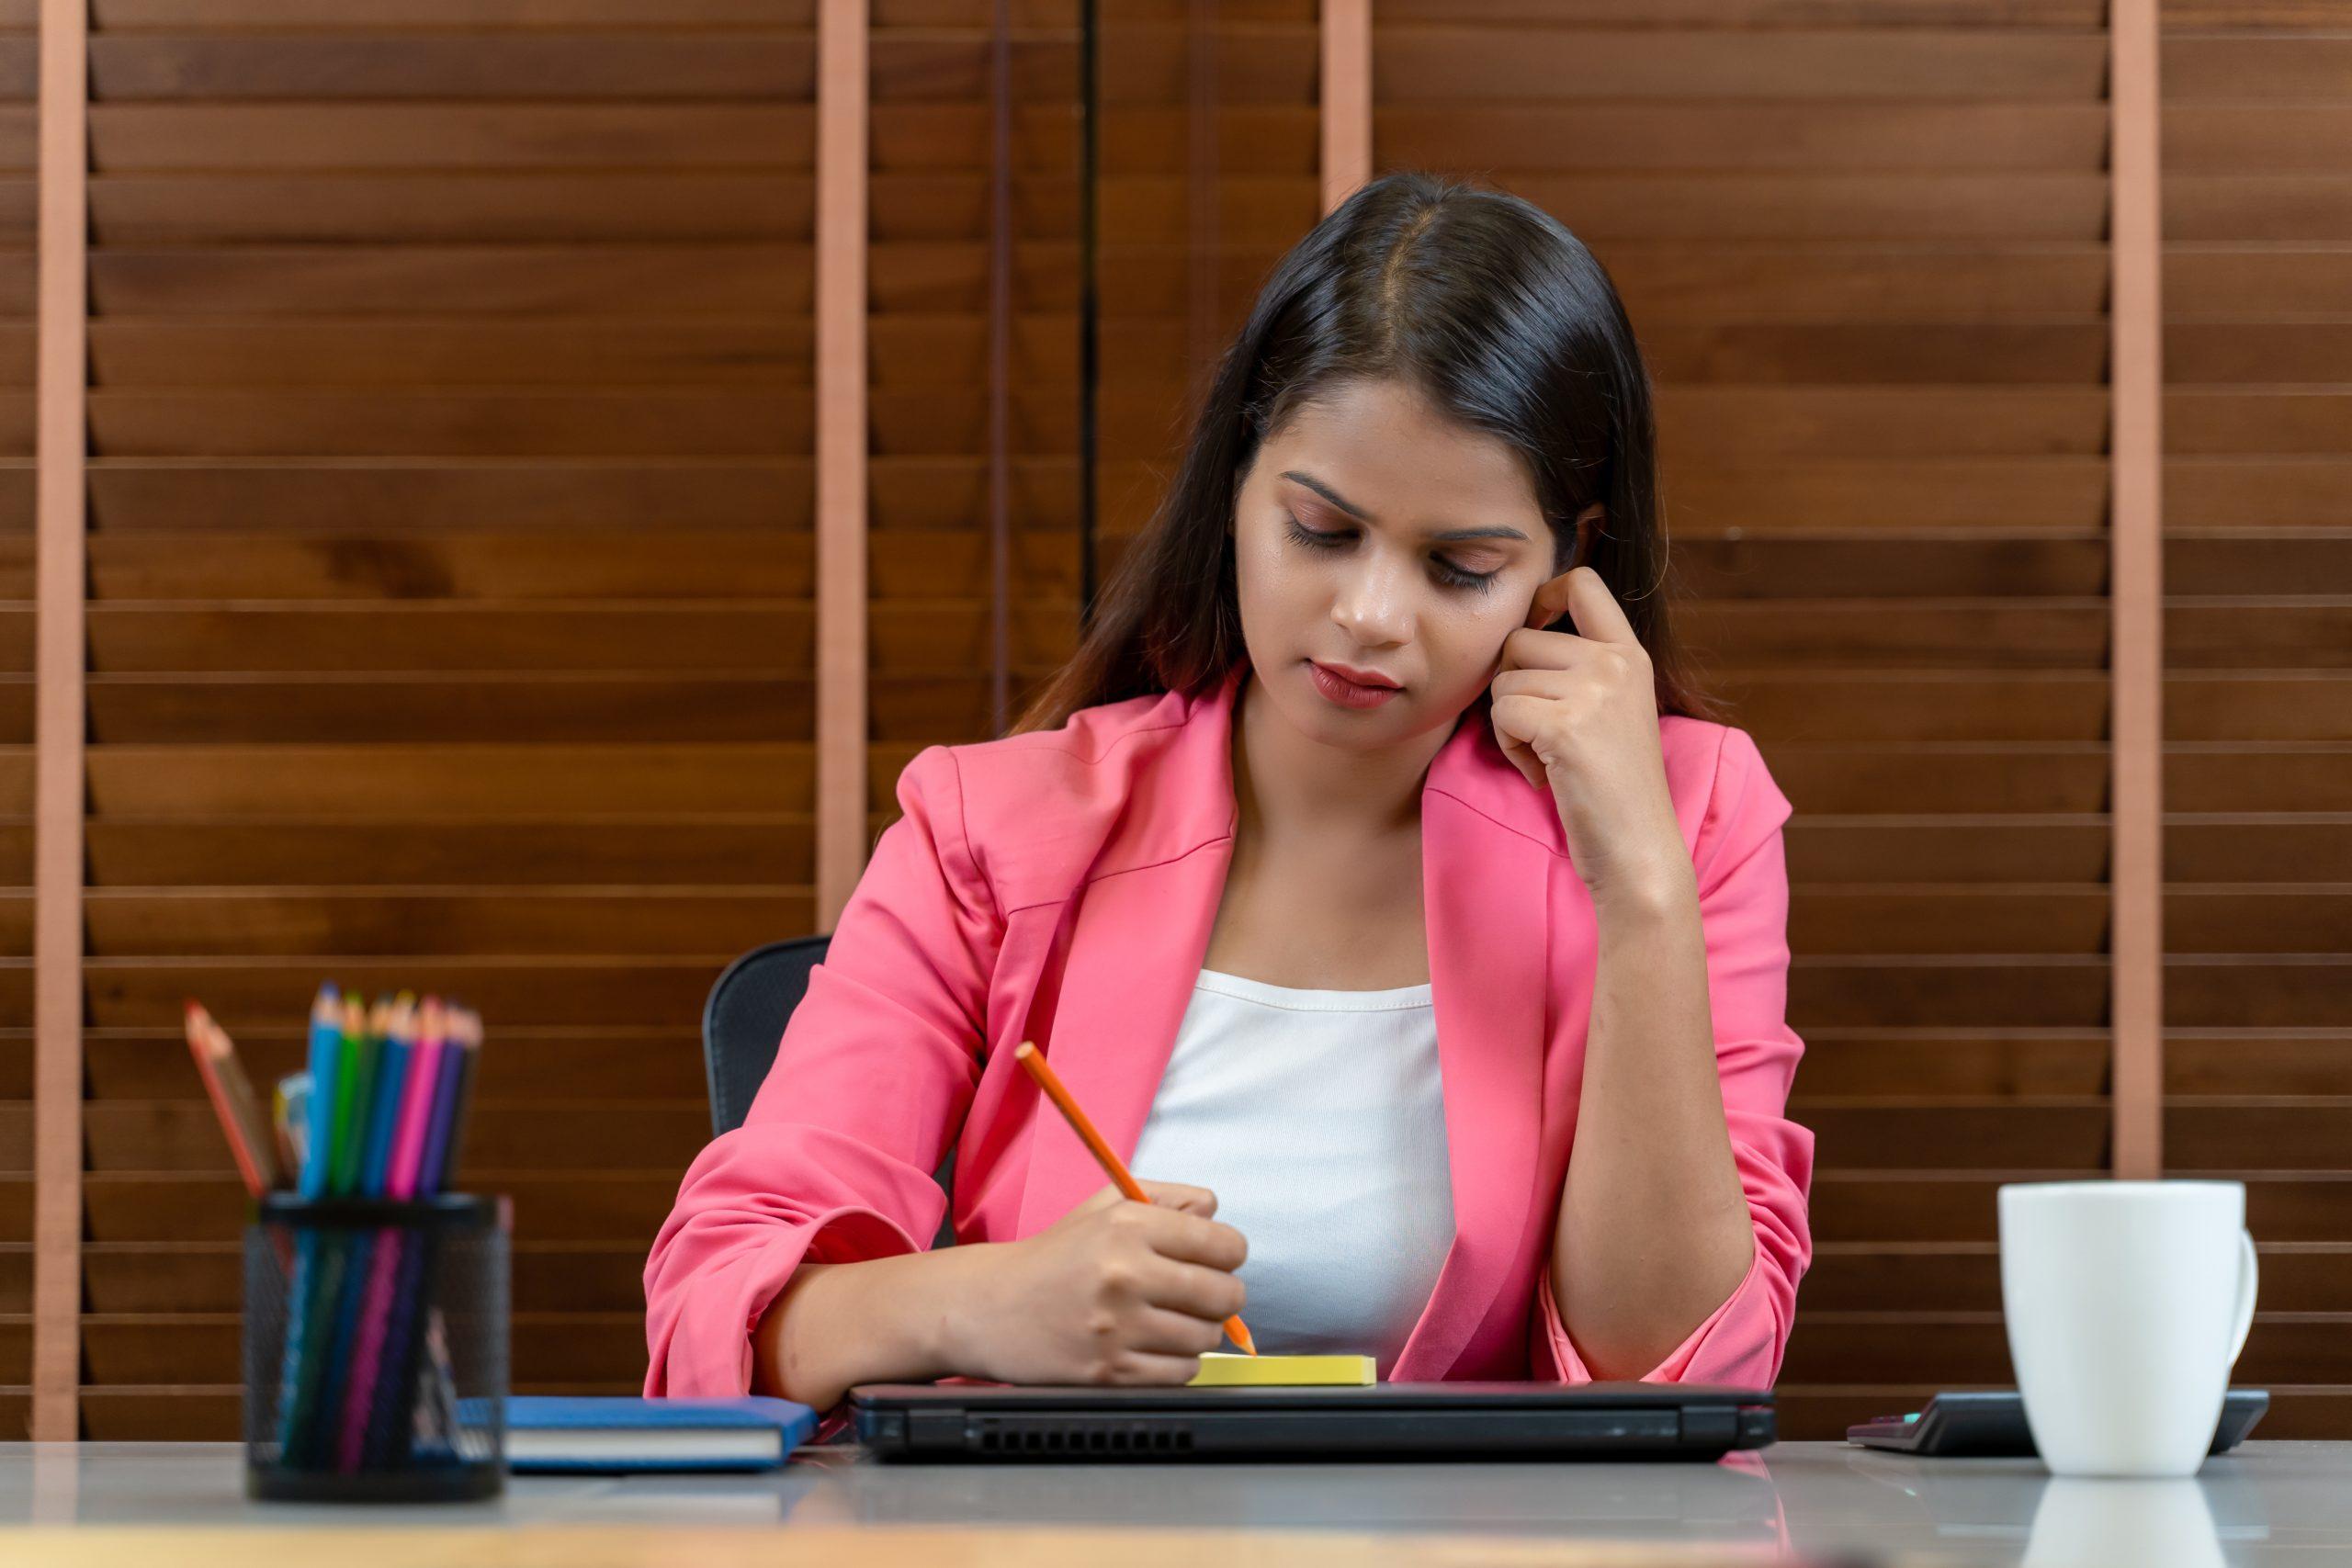 Employee taking notes during meeting